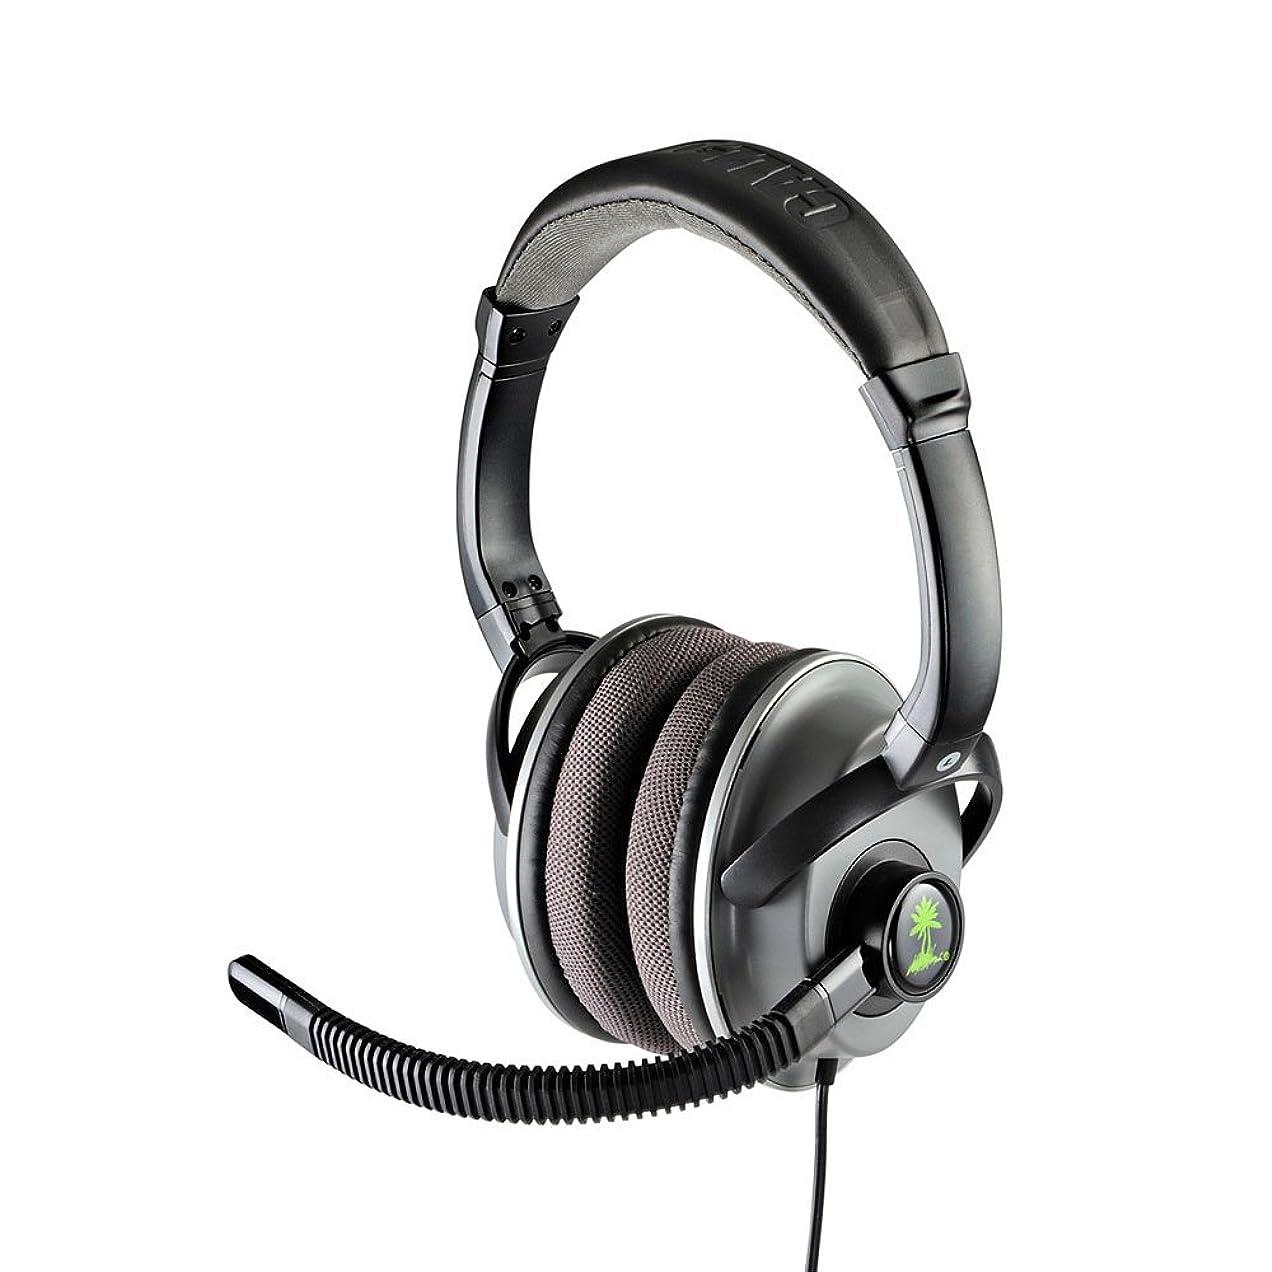 シェーバー震えるチャネルCall of Duty MW3 Ear Force Foxtrot Limited Edition COD-FOXTROT